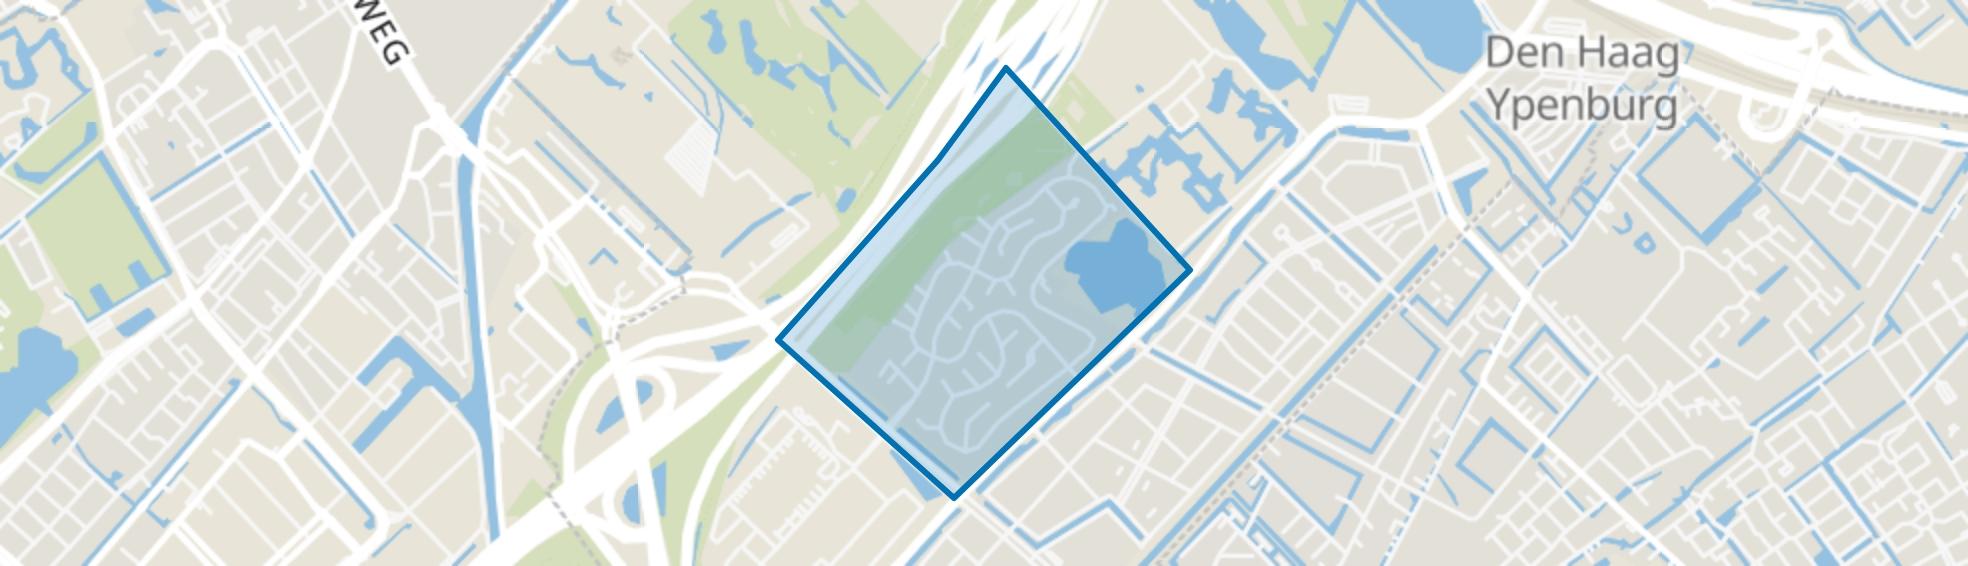 Bosweide, Den Haag map